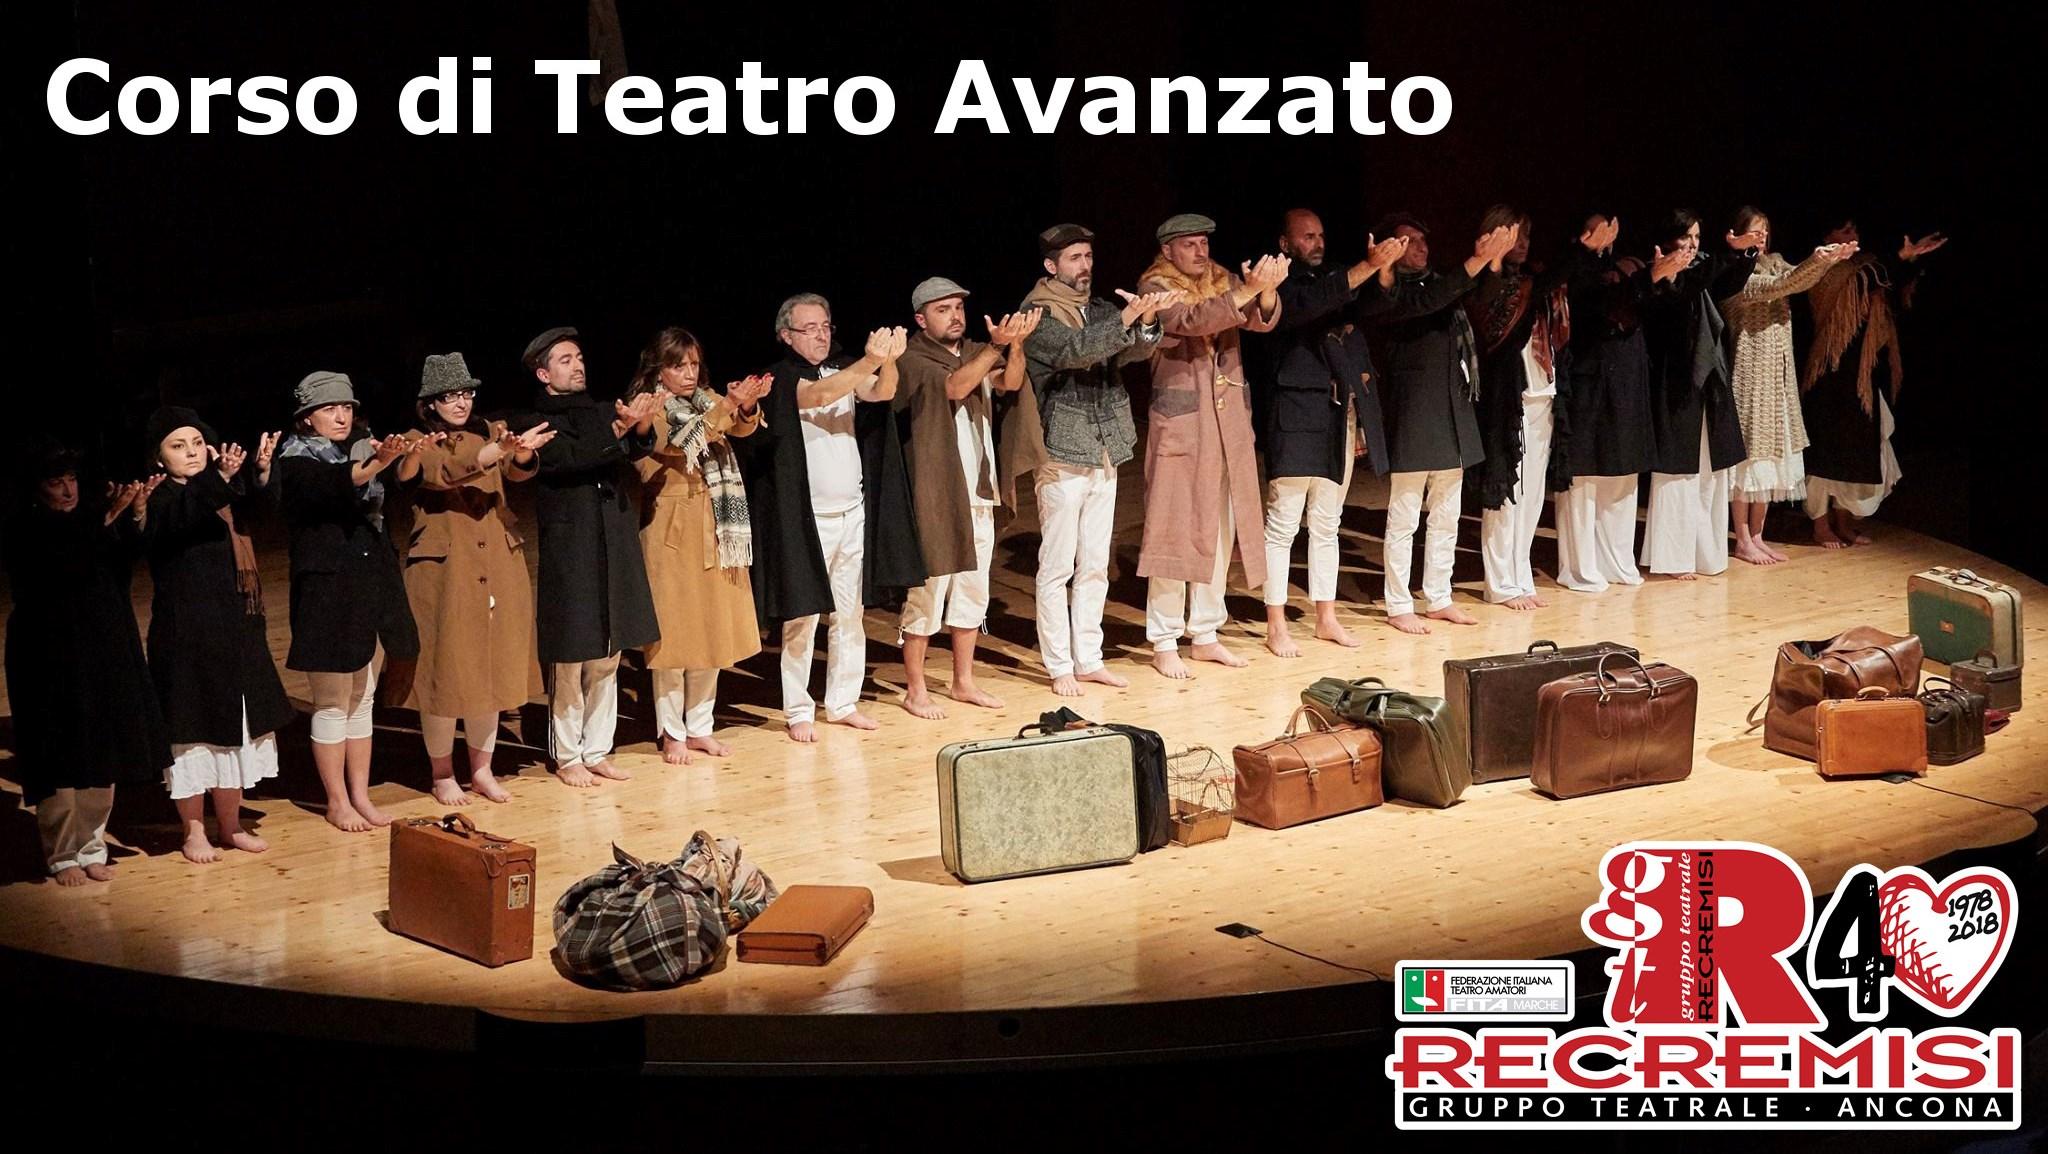 Corso di Teatro Avanzato 2019